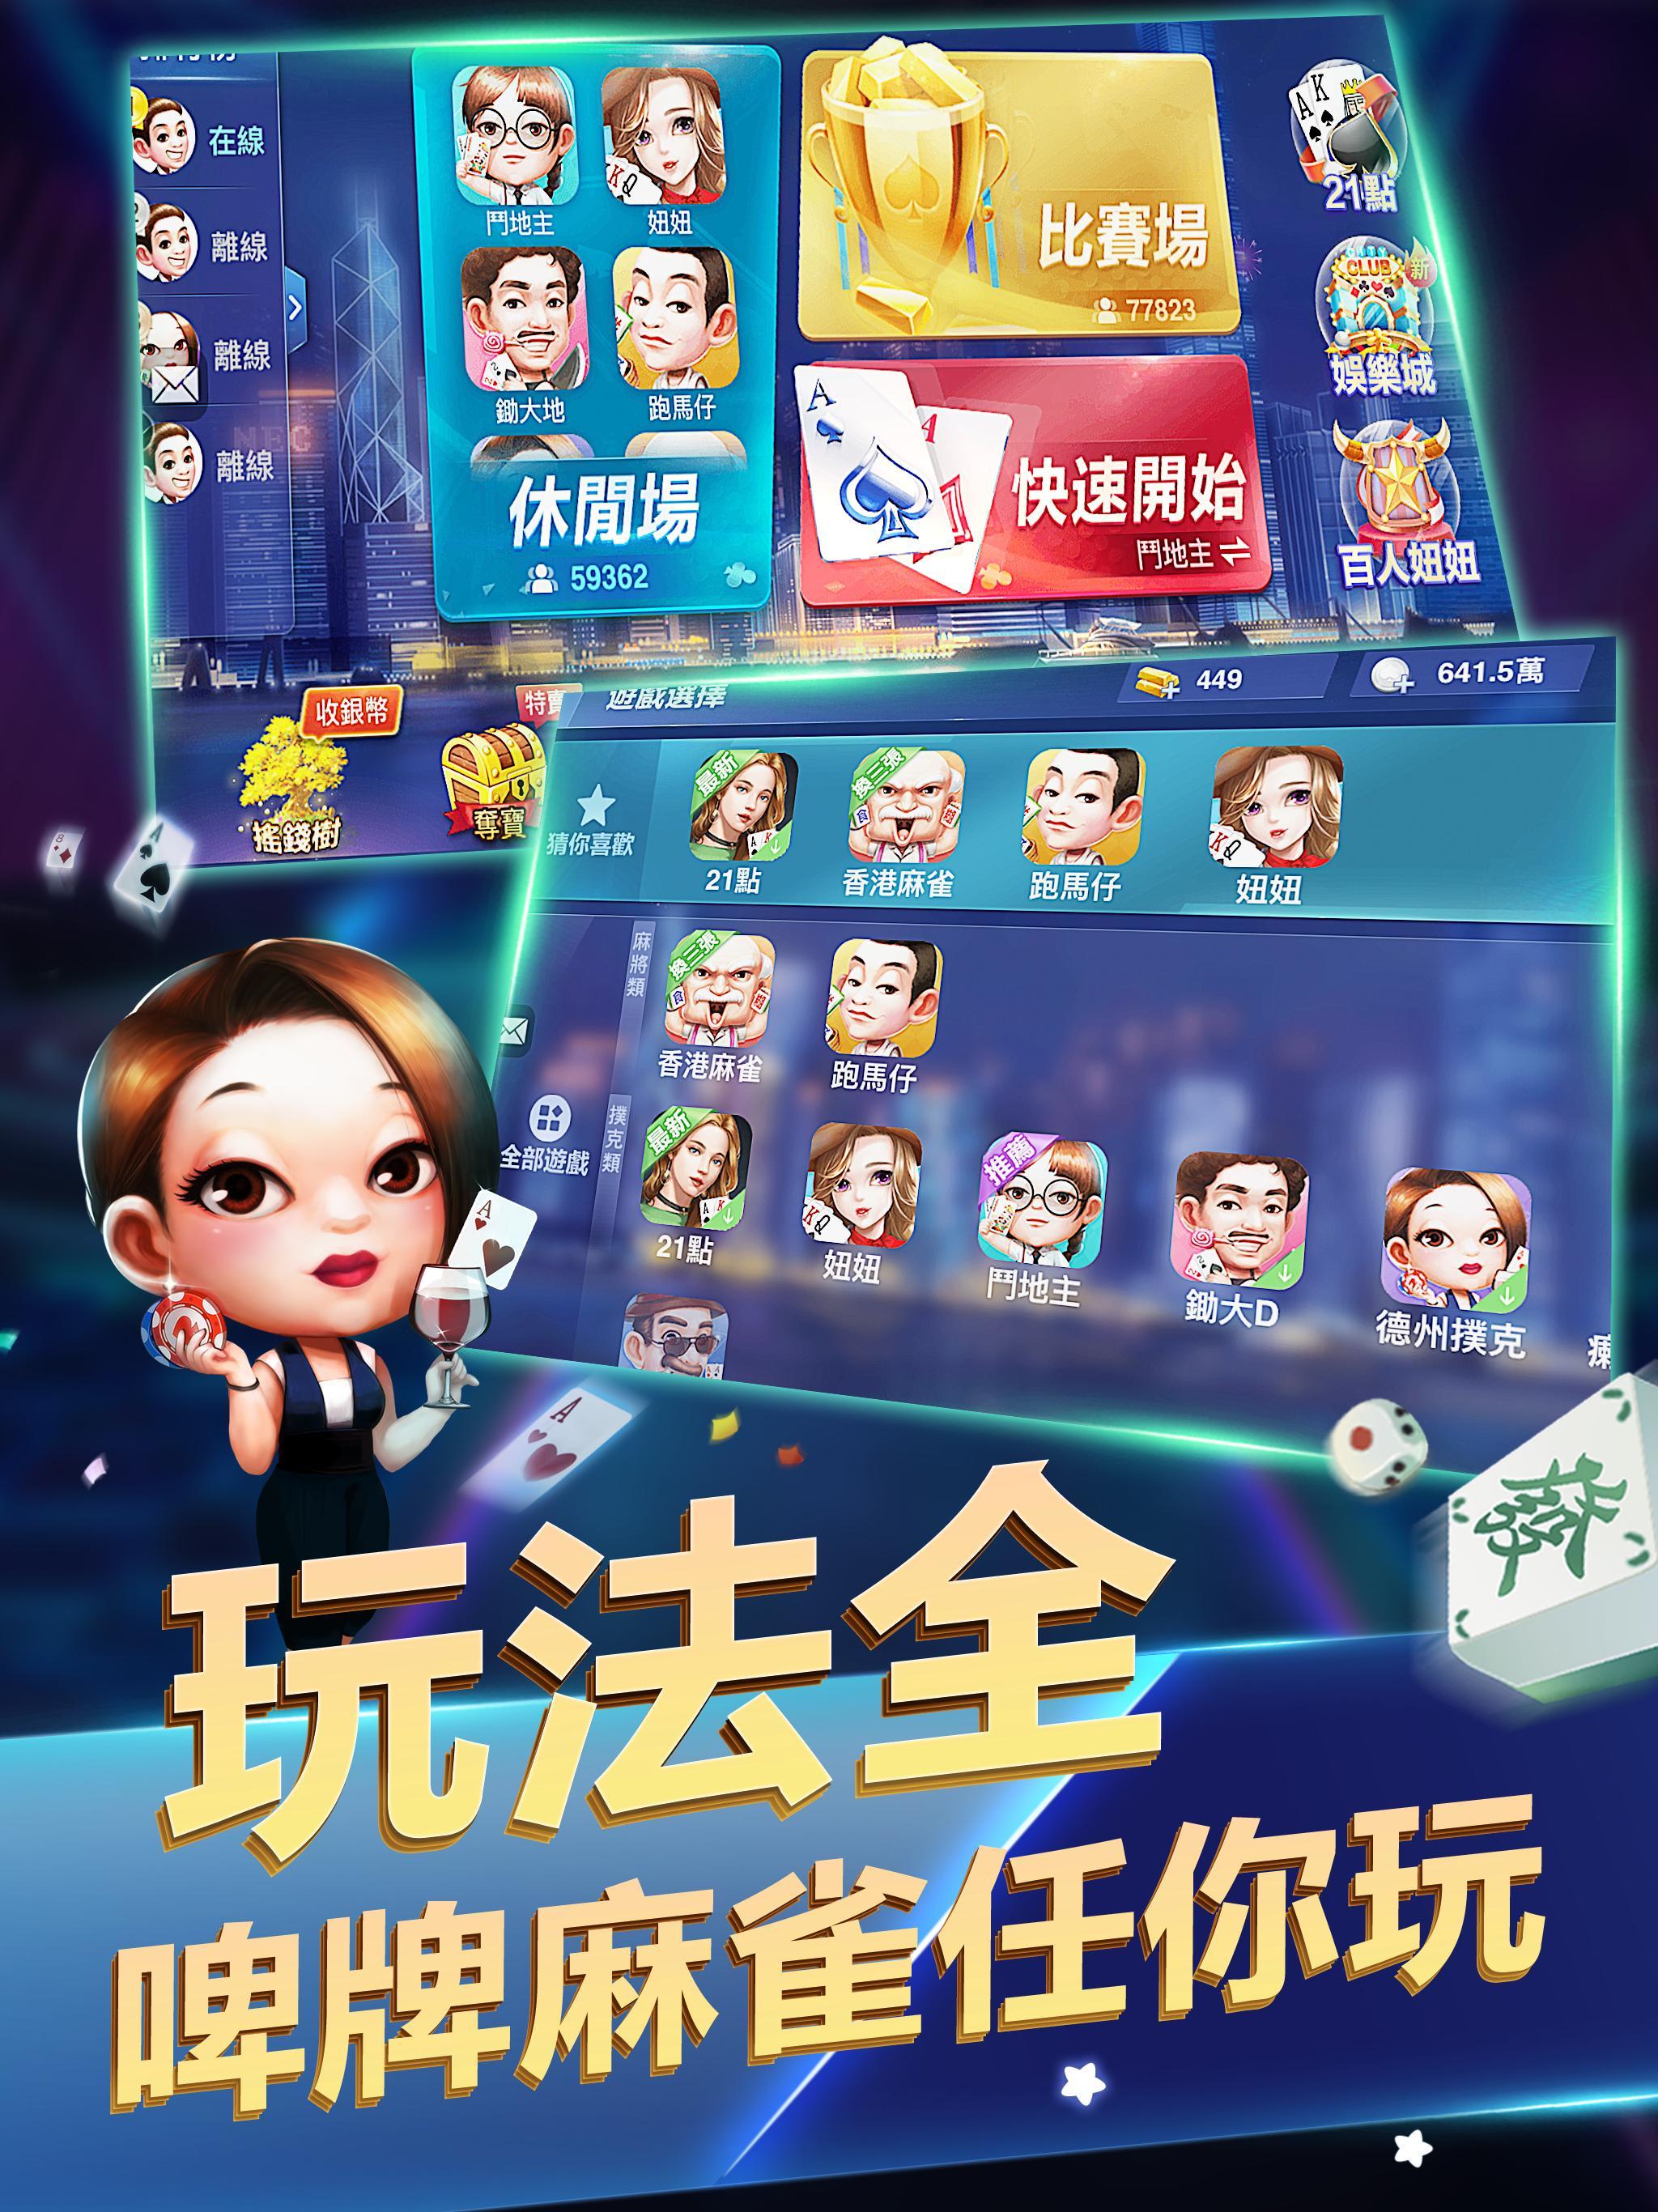 開心鬥一番 港式麻雀 跑馬仔 鋤大D等5 IN 1 3.6.4 Screenshot 13